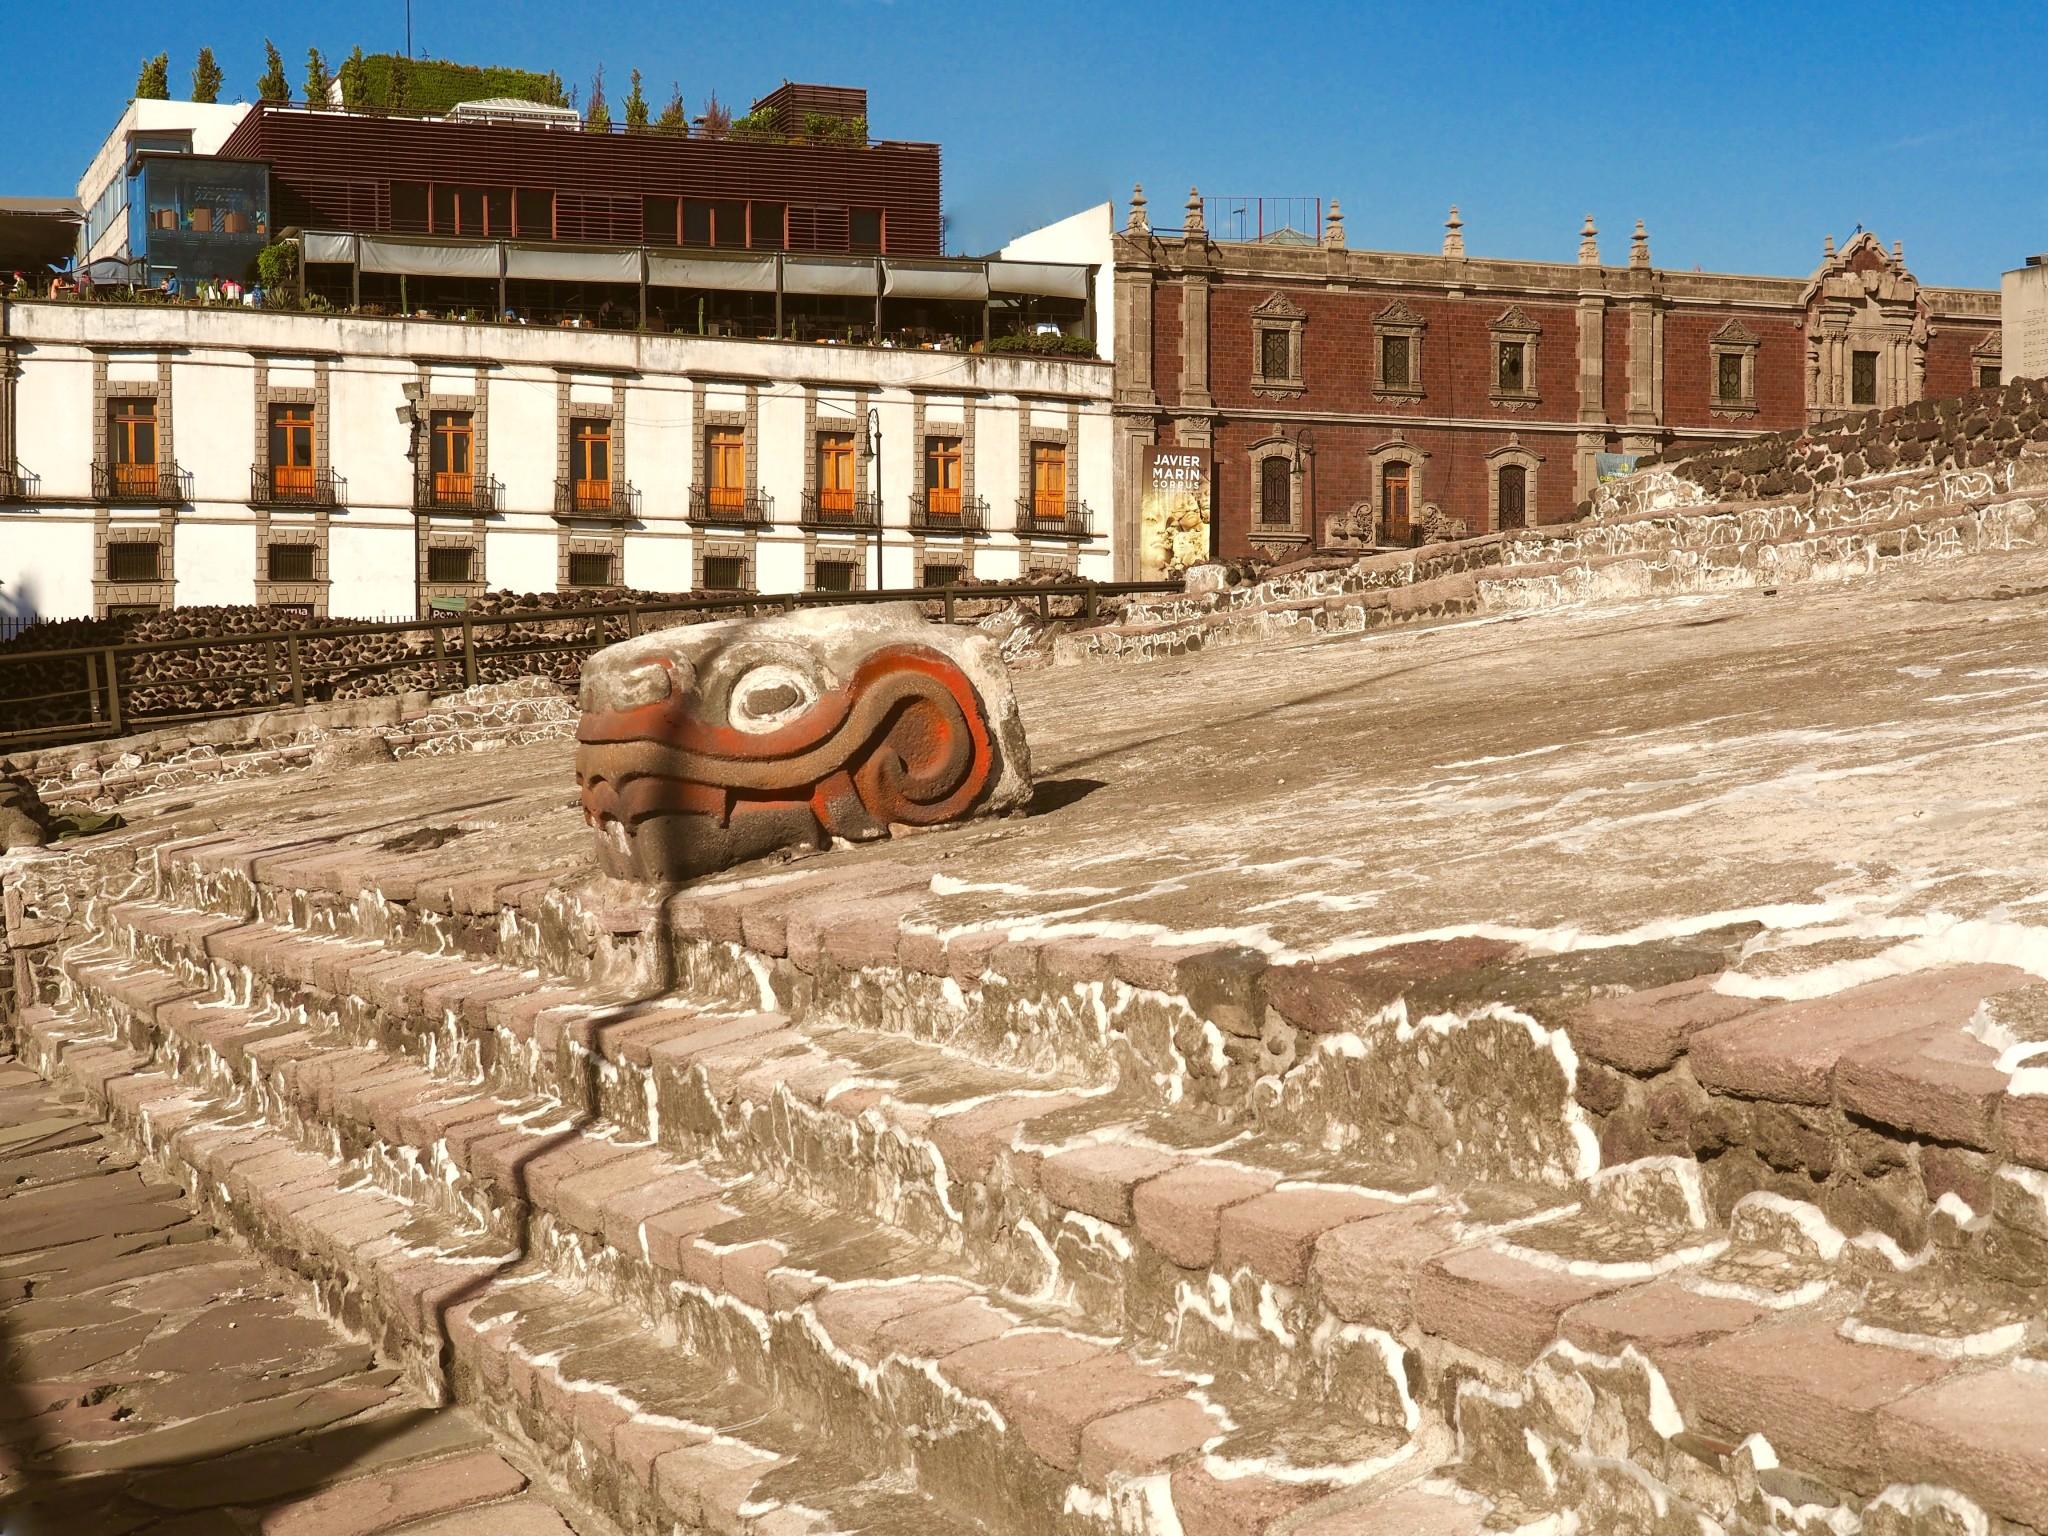 Beim Bau der U-Bahn kamen mitten im Zentrum die aztekischen Fundamente der Stadt ans Licht.